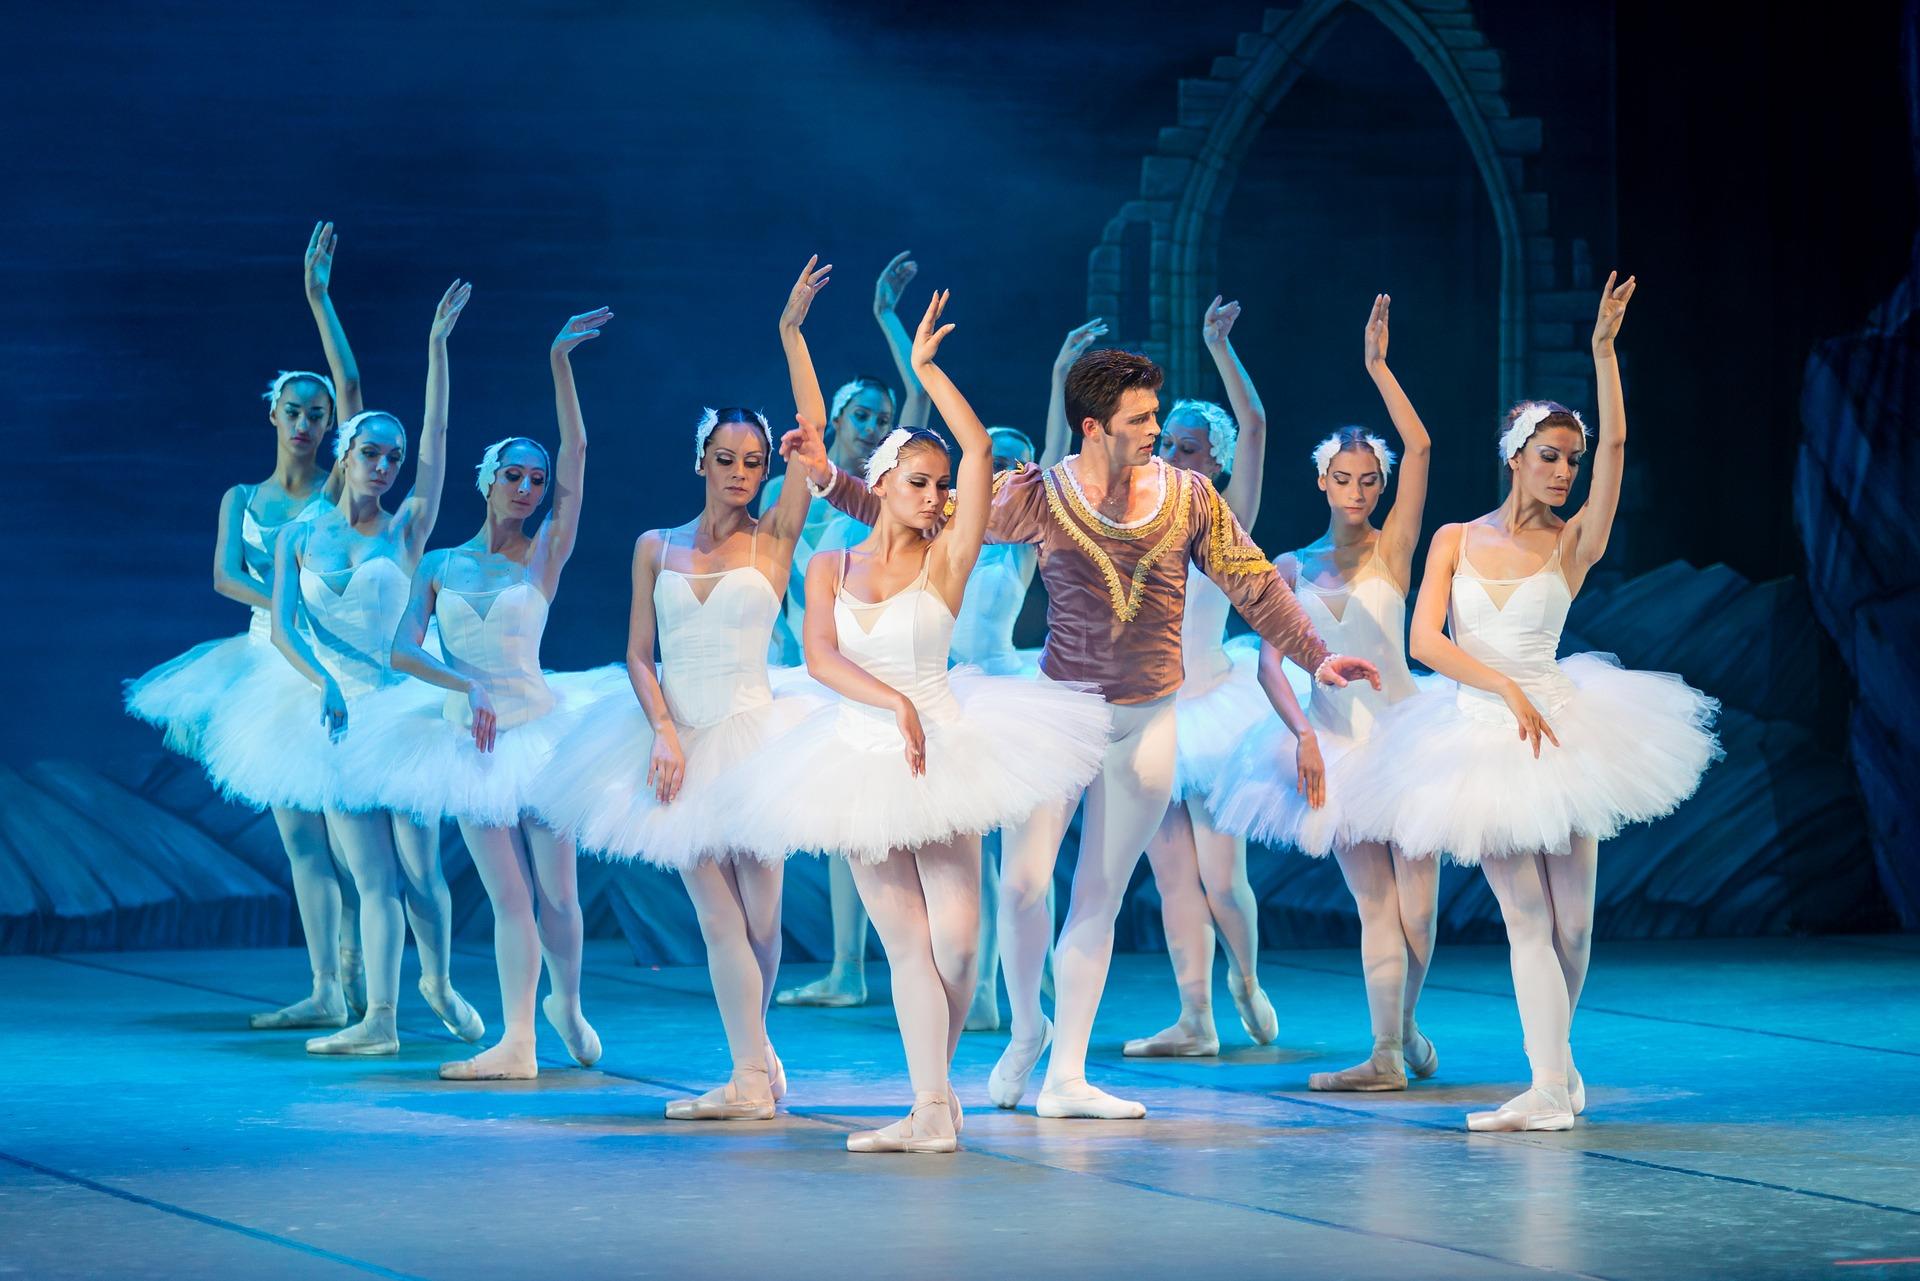 балет лебединое озеро в картинках своему